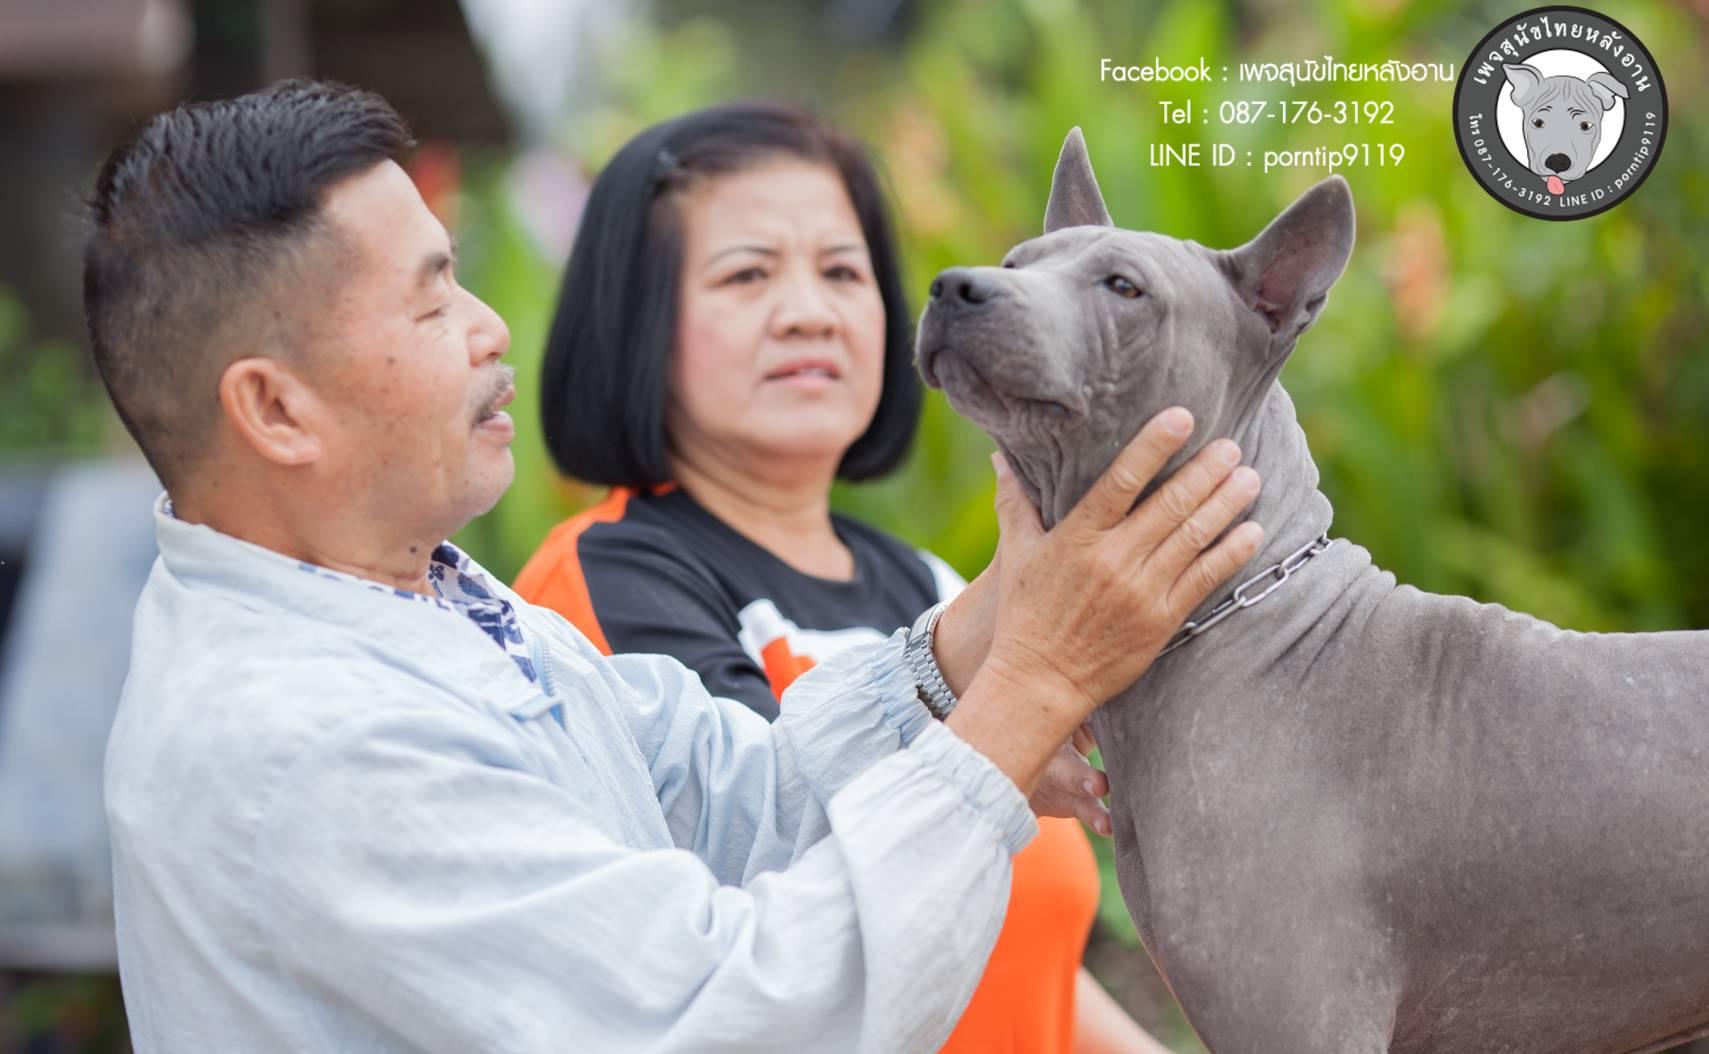 สุนัขไทยหลังอาน ขายสุนัขไทยหลังอาน   ลูกสุนัขไทยหลังอานnet-0333